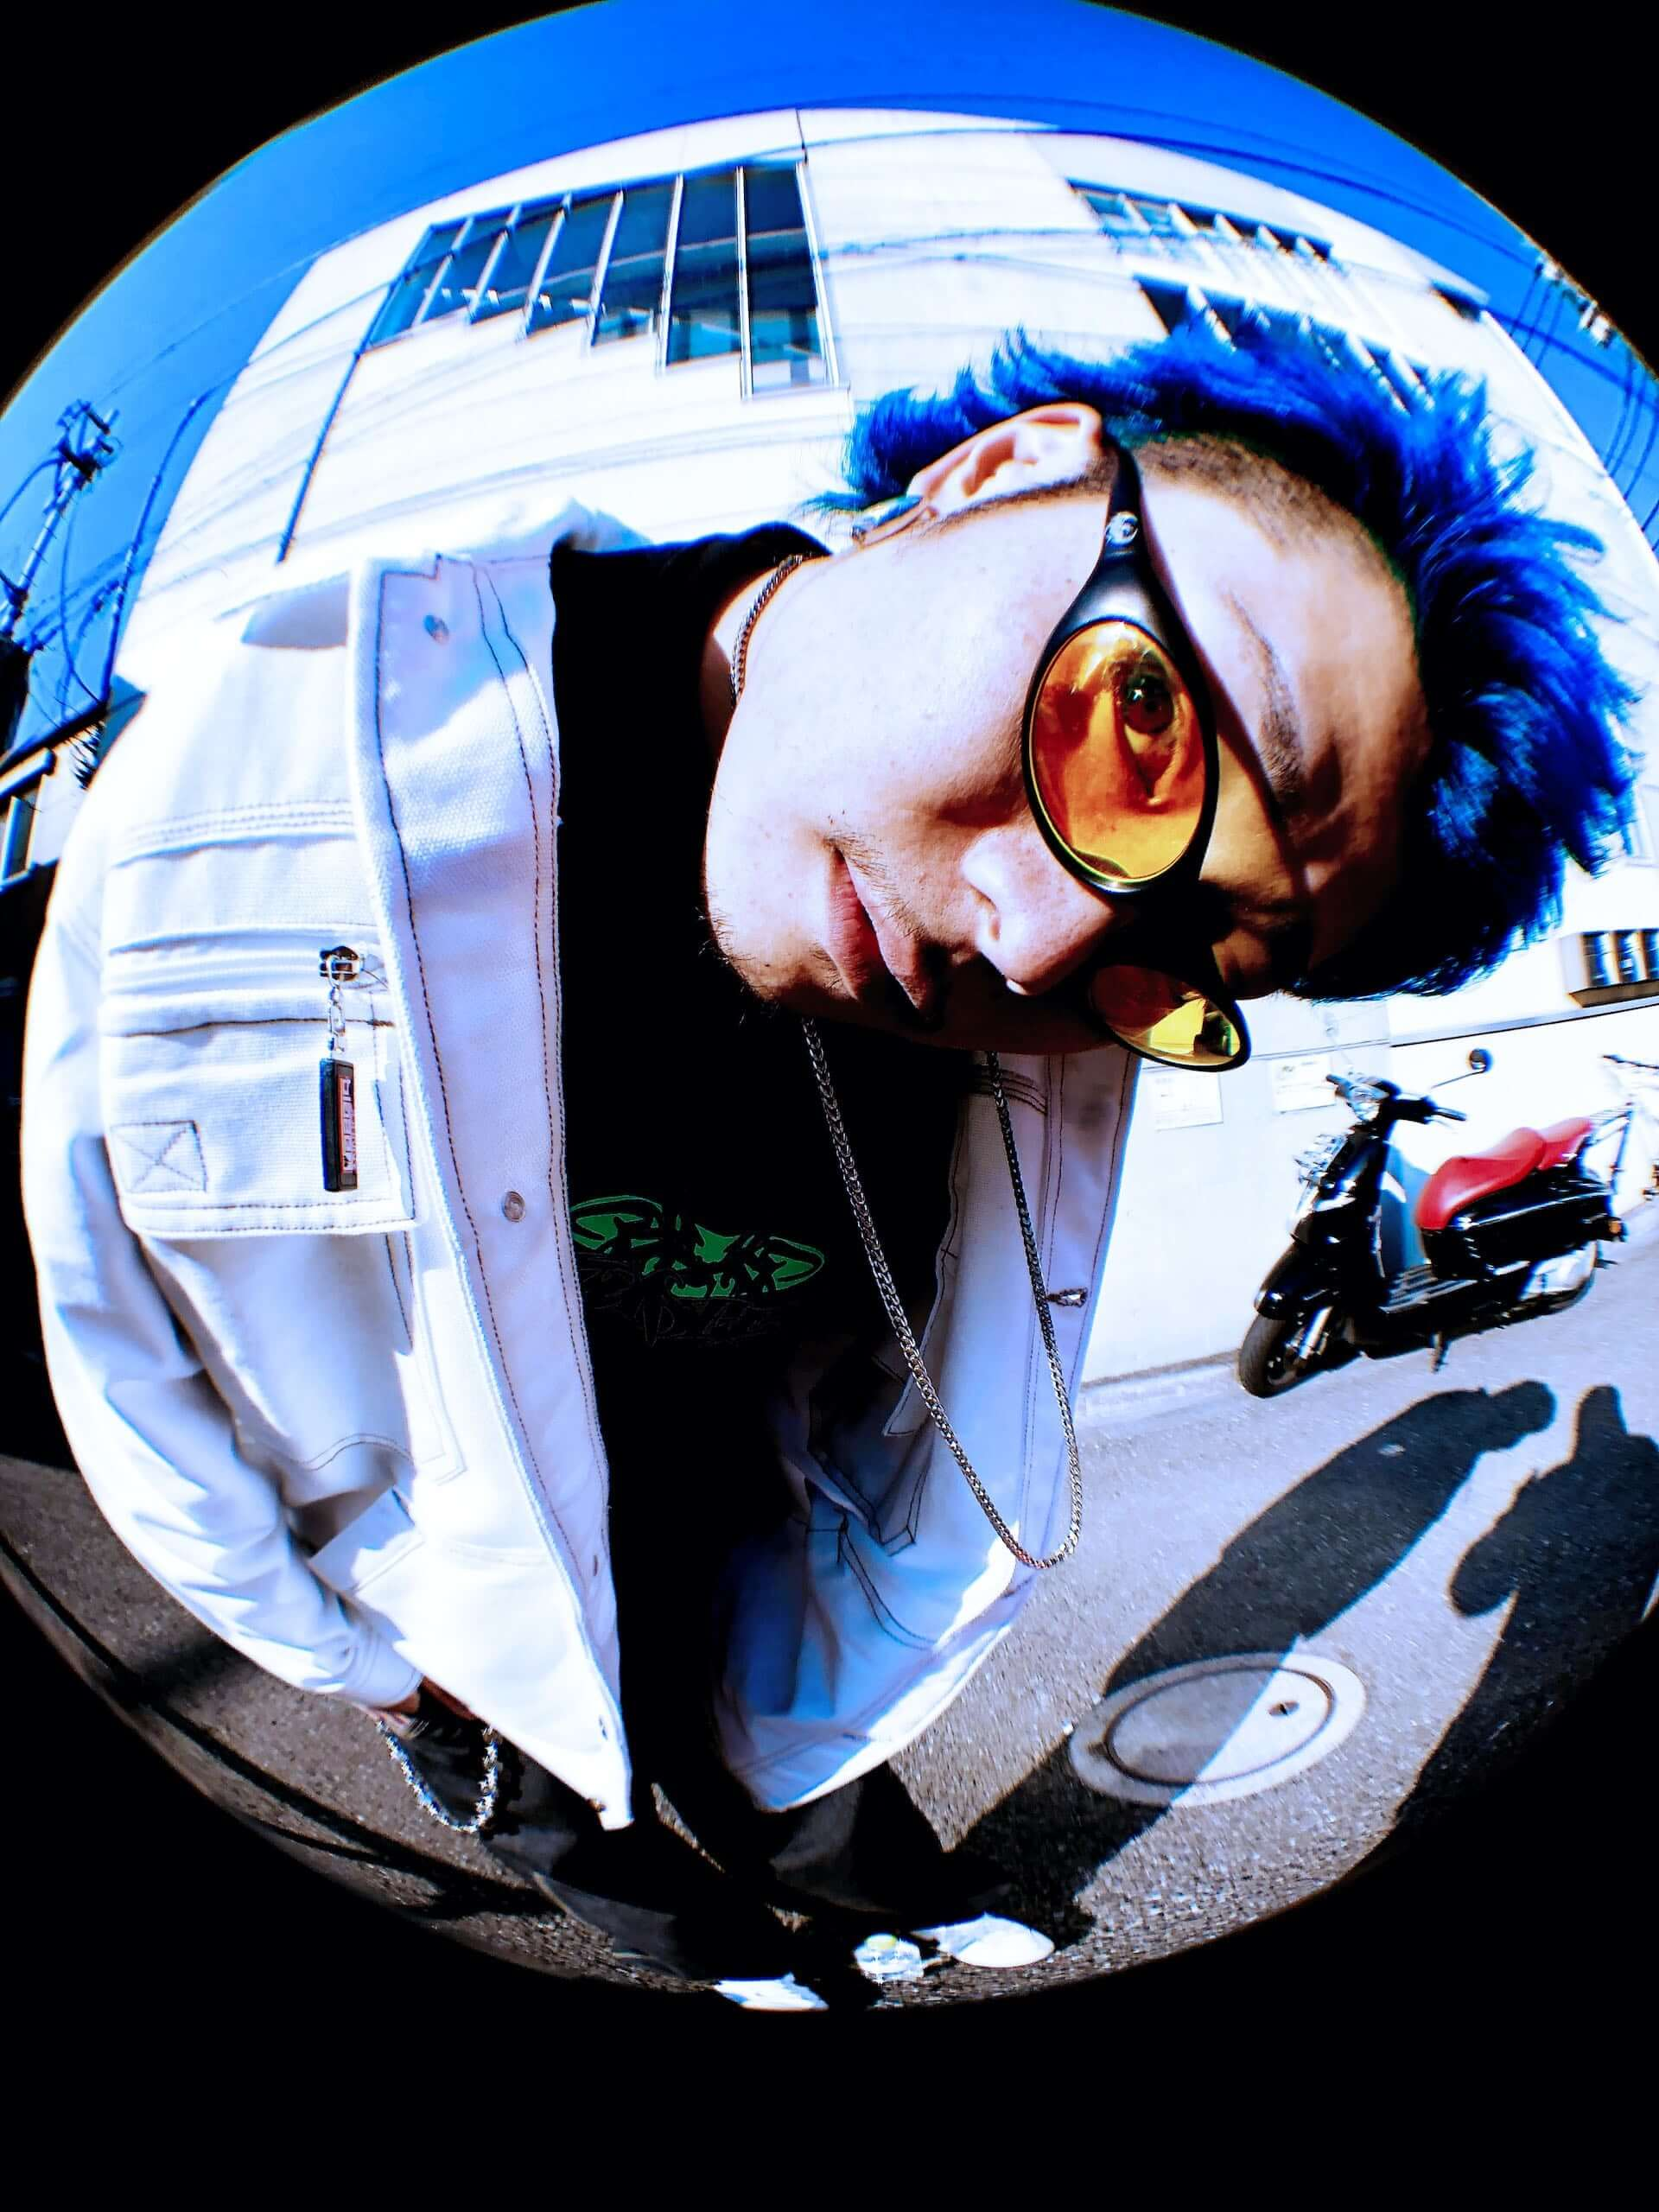 オカモトレイジがキュレーションするハロウィンイベント<YAGI Halloween>が渋谷Contactにて開催決定!JUBEE、GUCCIMAZE、Licaxxxらが出演 music201026_yagi-halloween_11-1920x2560